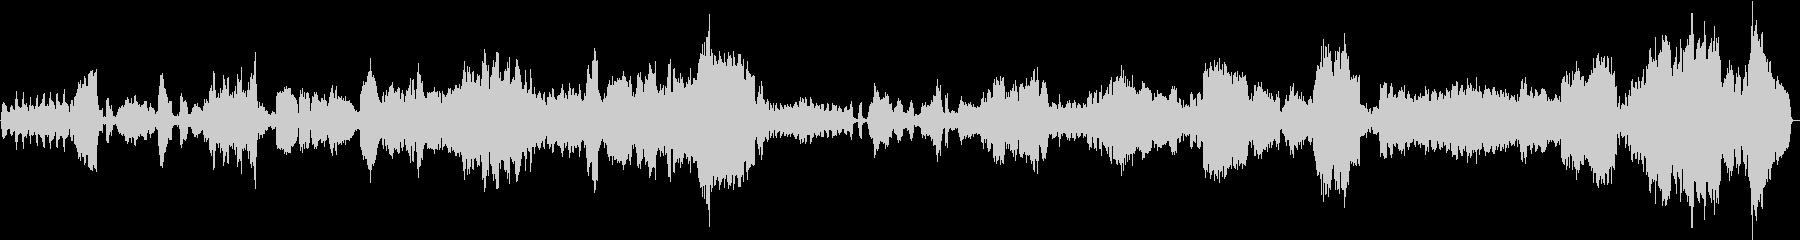 クロード・ドビュッシーのカバーの未再生の波形